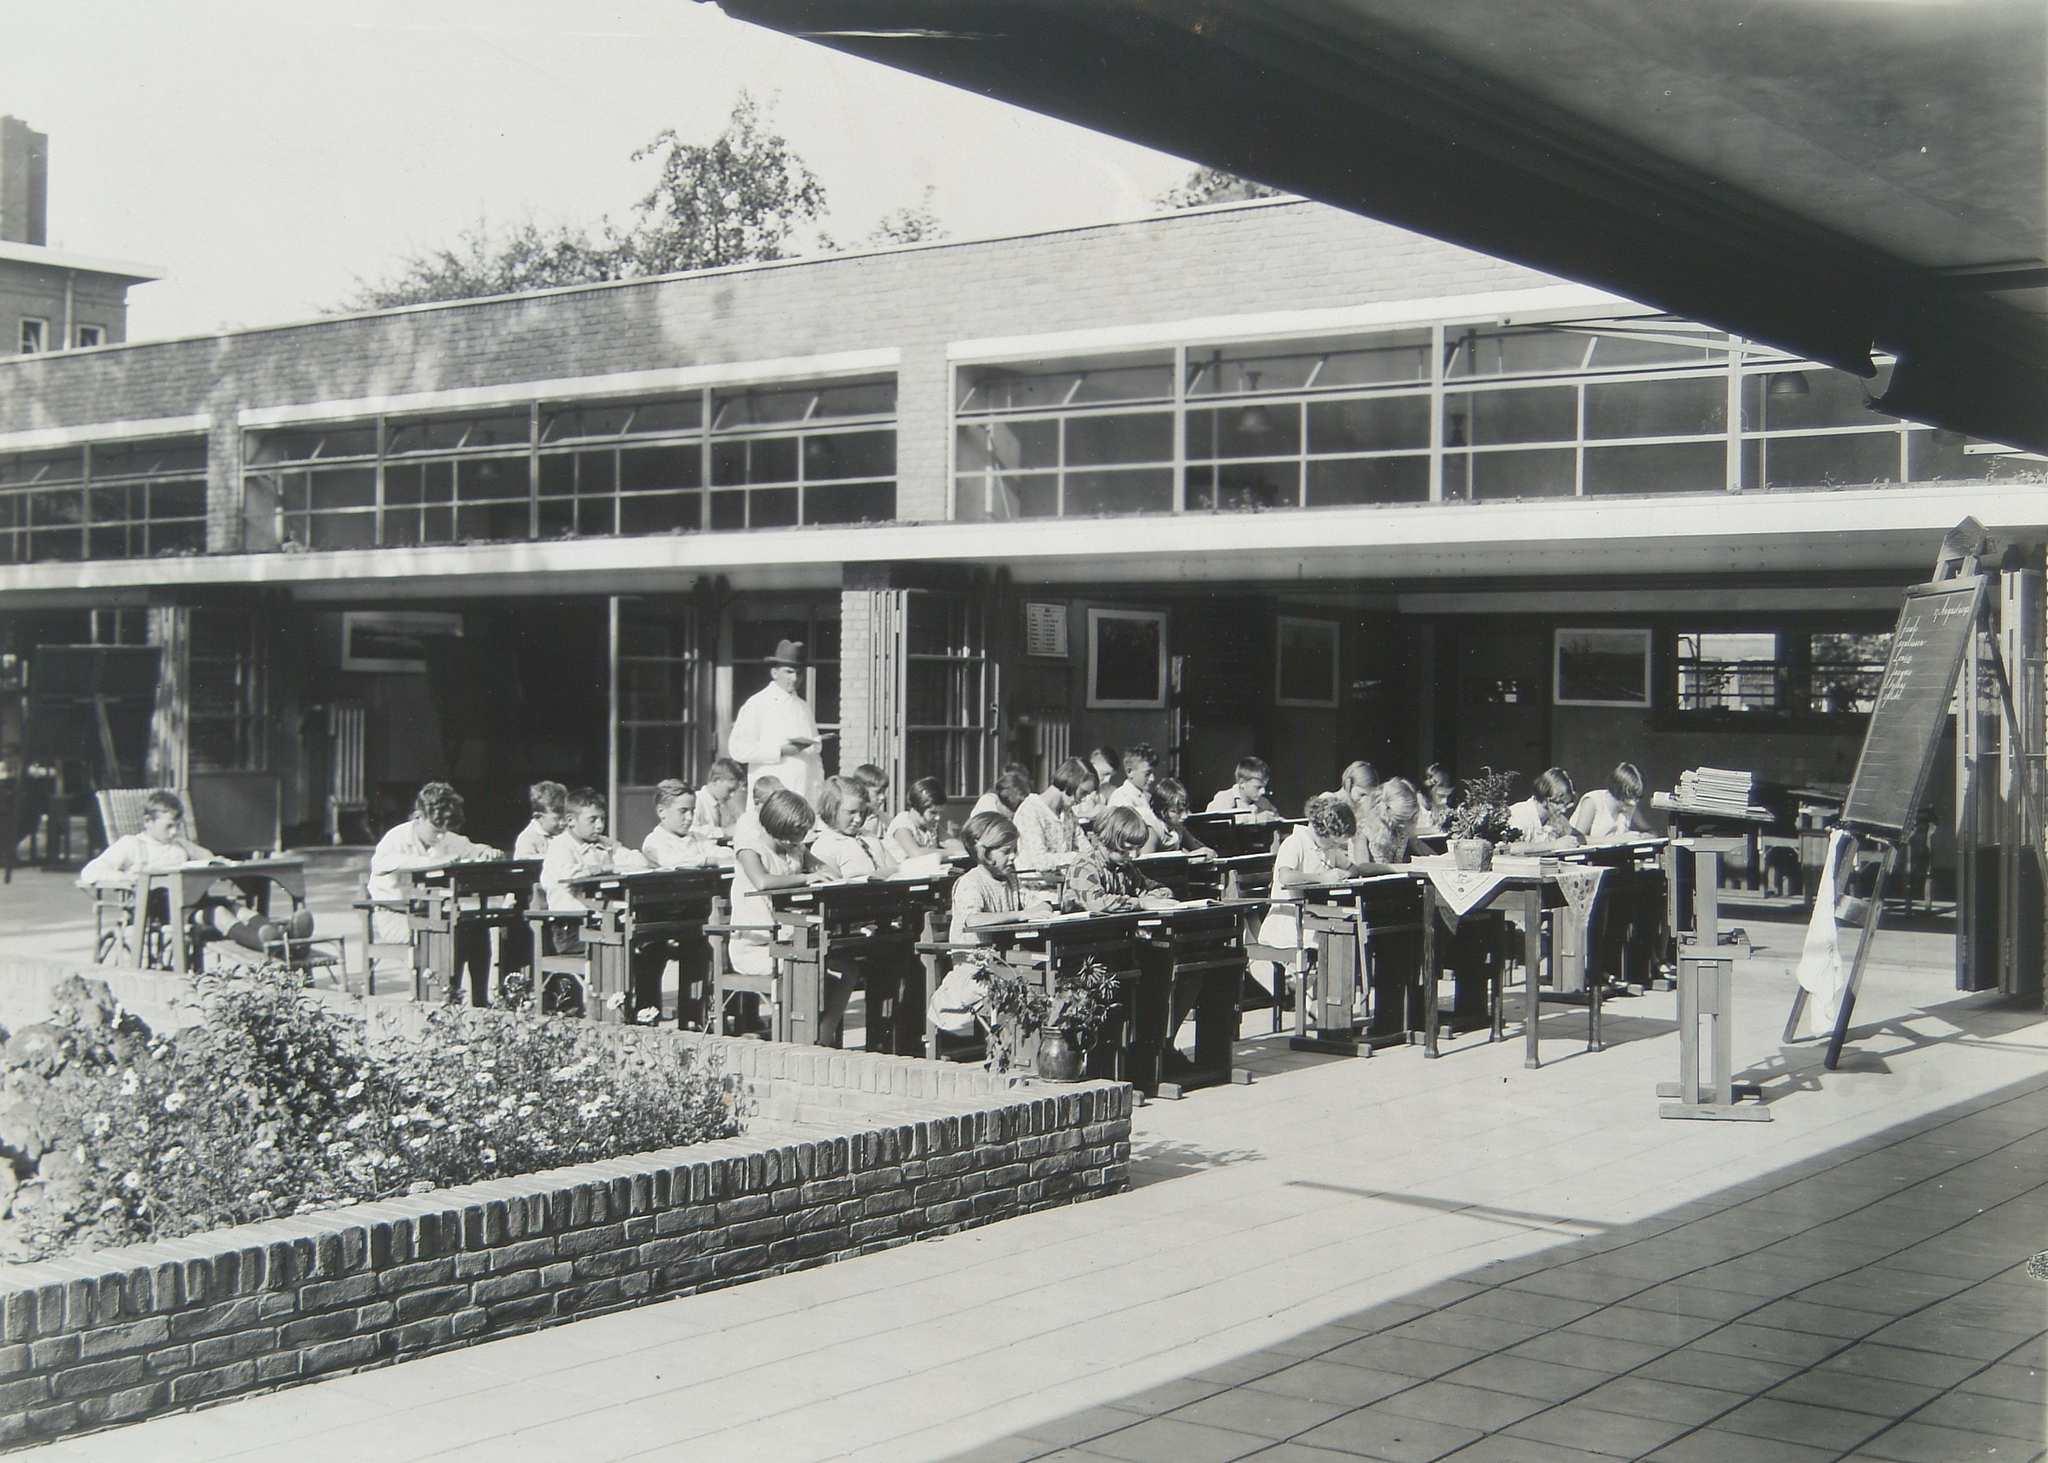 outdoor-school-serveimage.jpeg